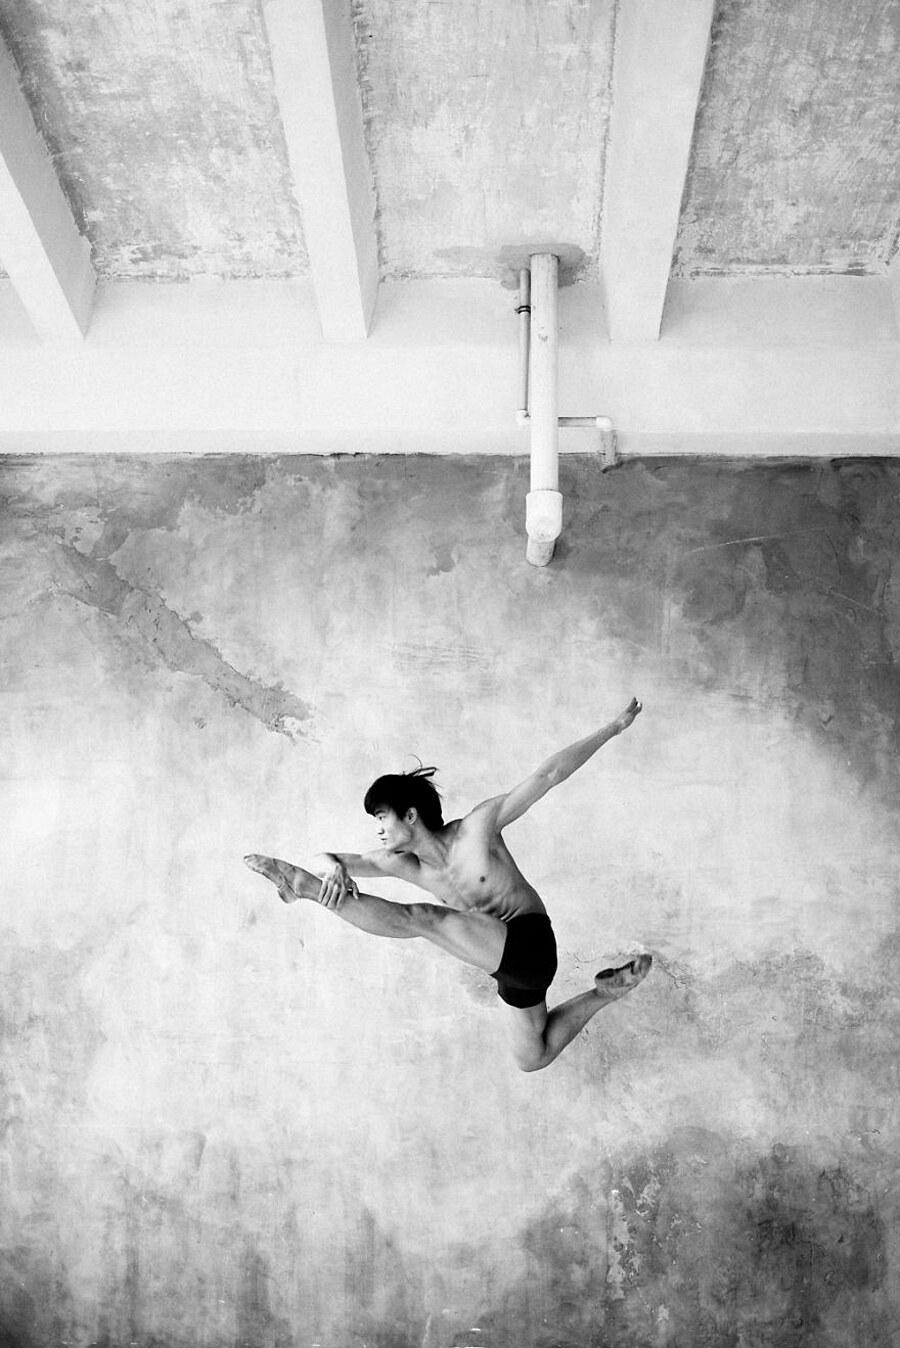 fotografia-ritratti-ballerini-classici-russia-dietro-le-quinte-darian-volkova-311